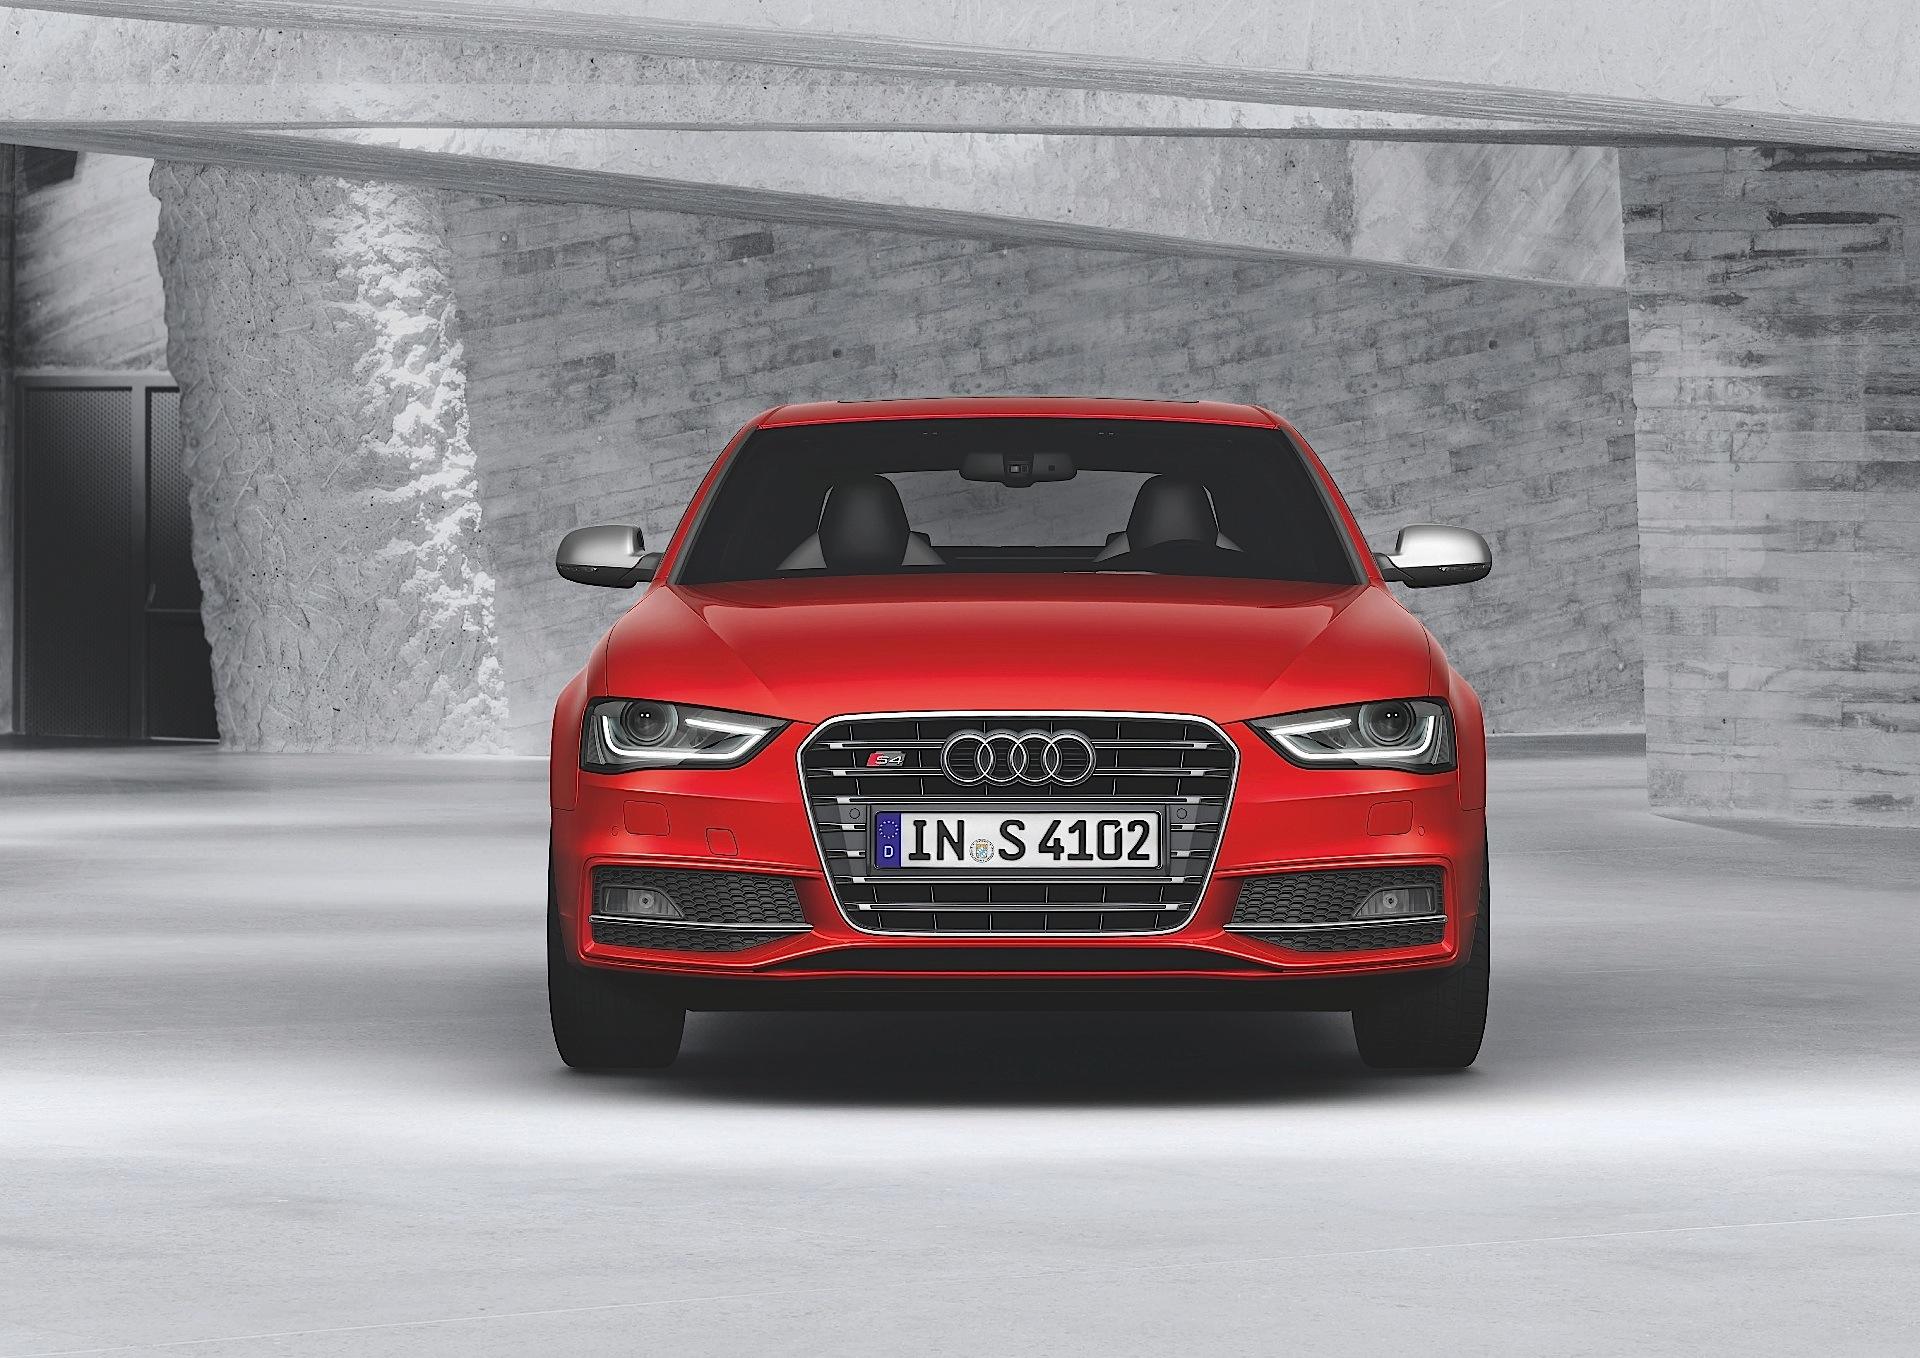 Audi Rs7 0-60 >> AUDI S4 specs & photos - 2008, 2009, 2010, 2011, 2012 - autoevolution